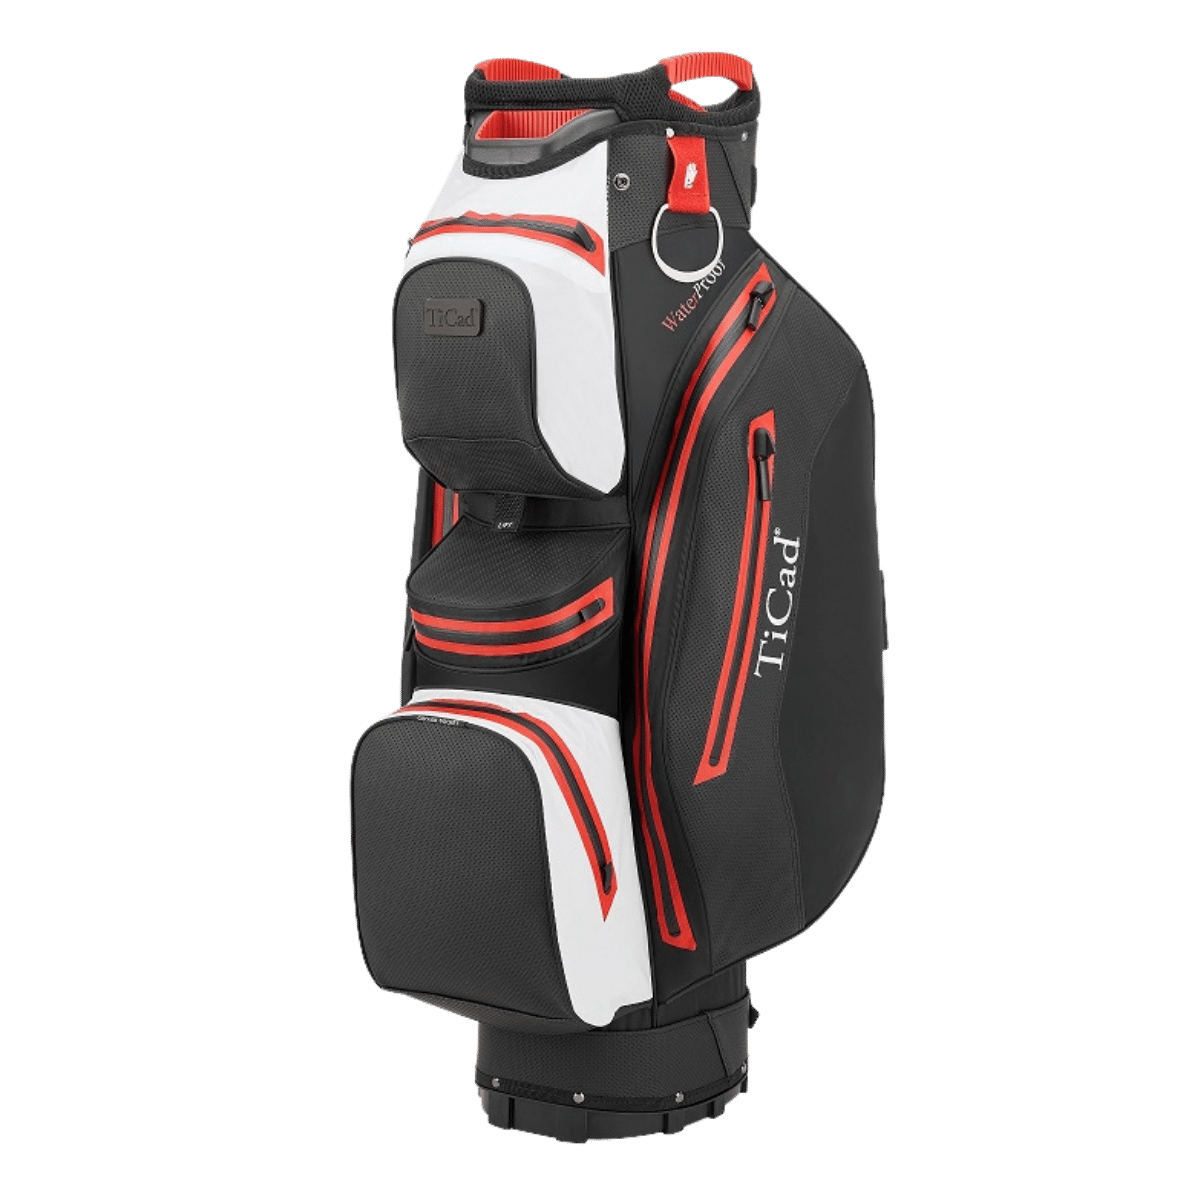 Cartbag FO14 Premium Waterproof